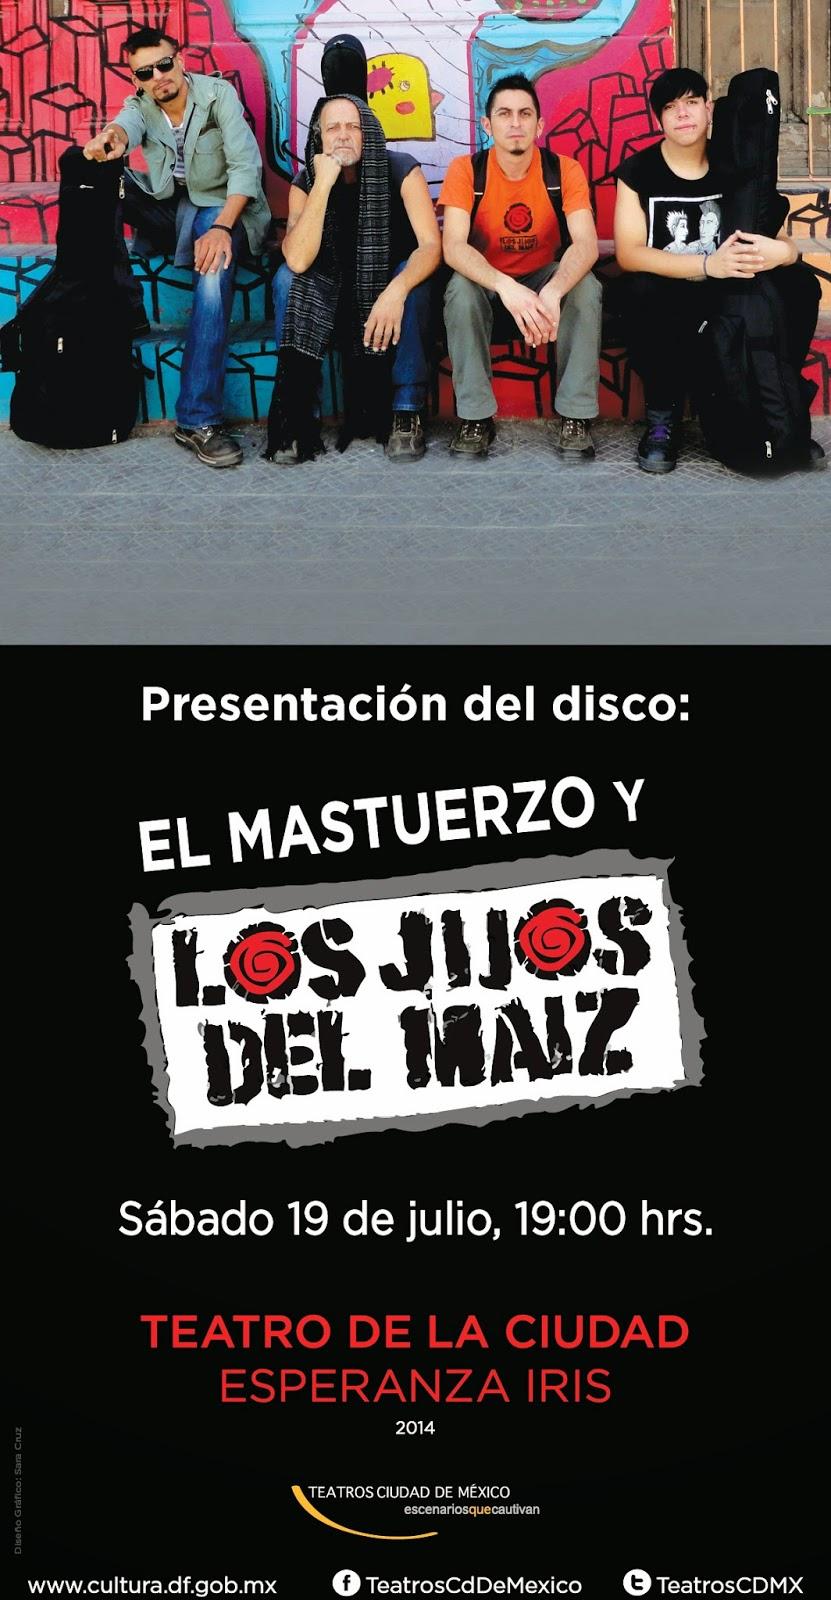 El Mastuerzo y Los Jijoz del Máiz presentan nuevo disco en el Teatro de la Ciudad